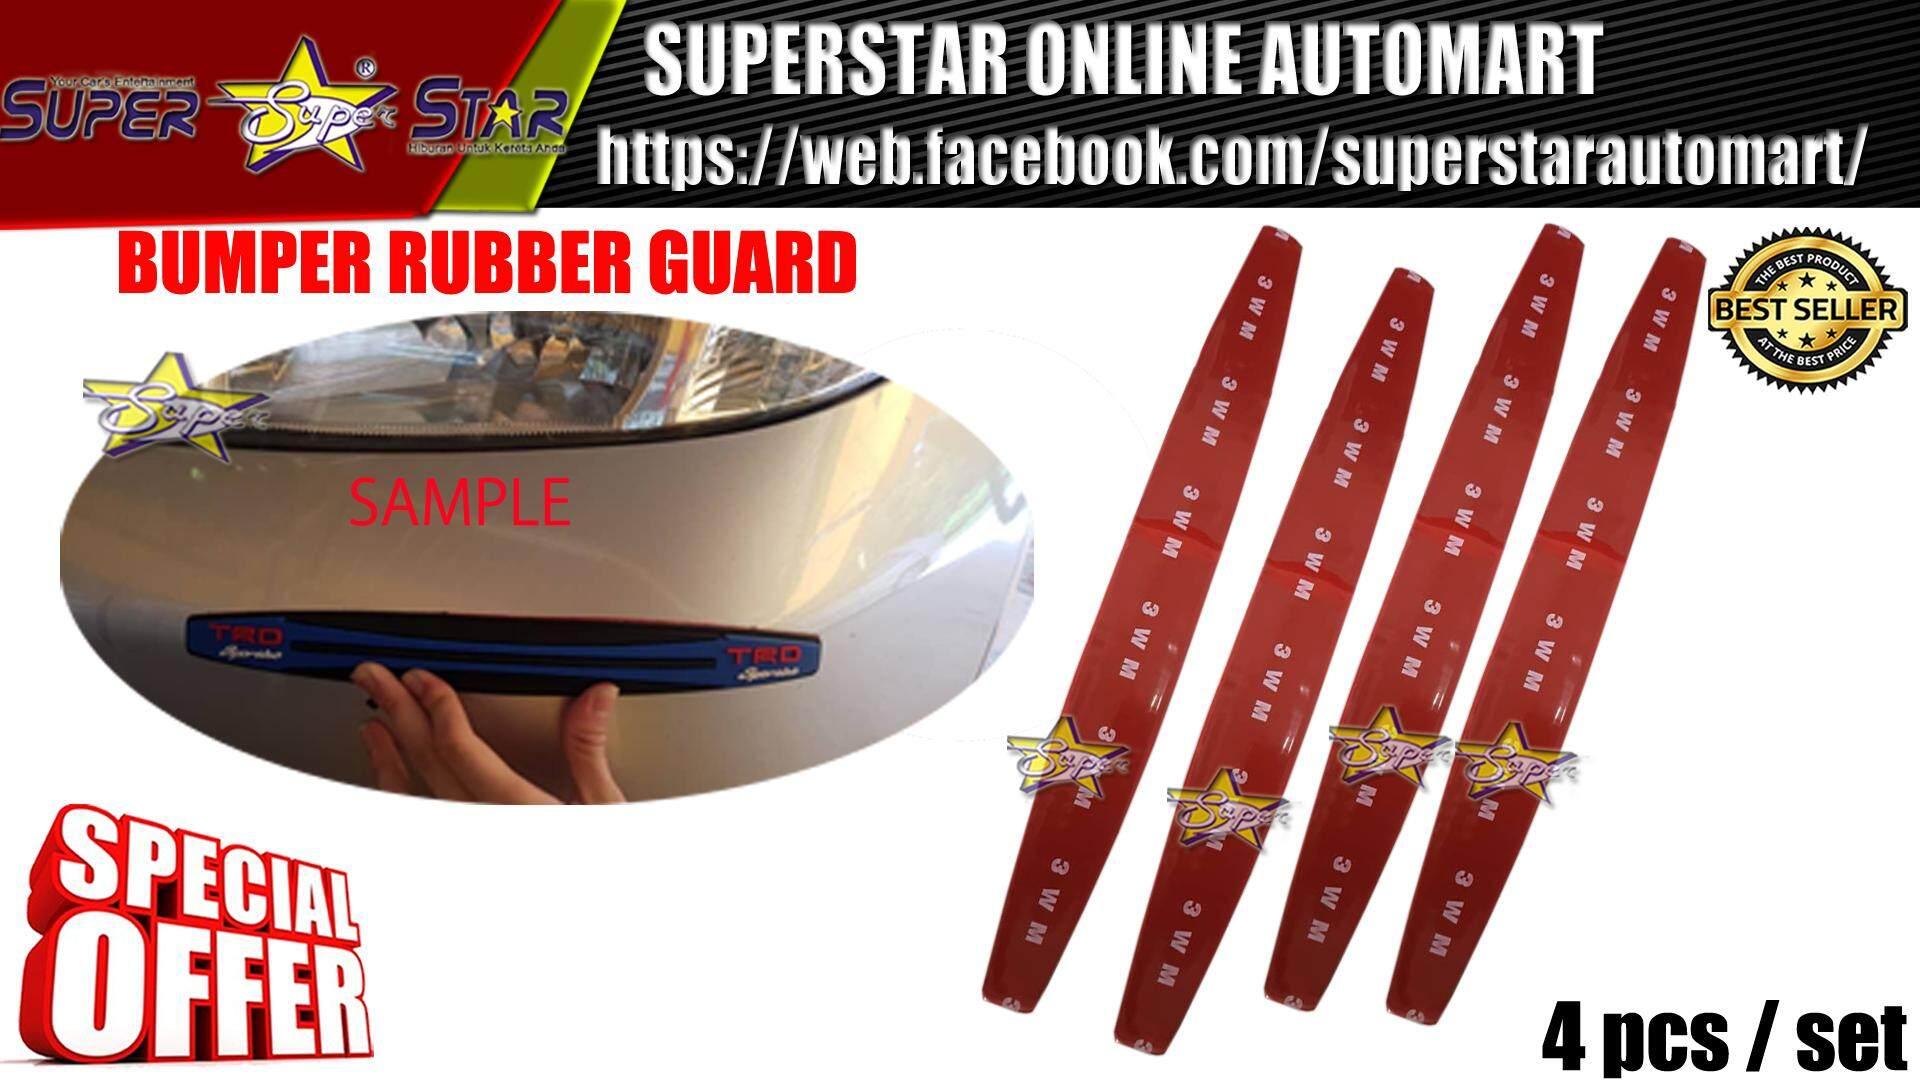 BUMPER RUBBER GUARD TRD BIG (YELLOW)